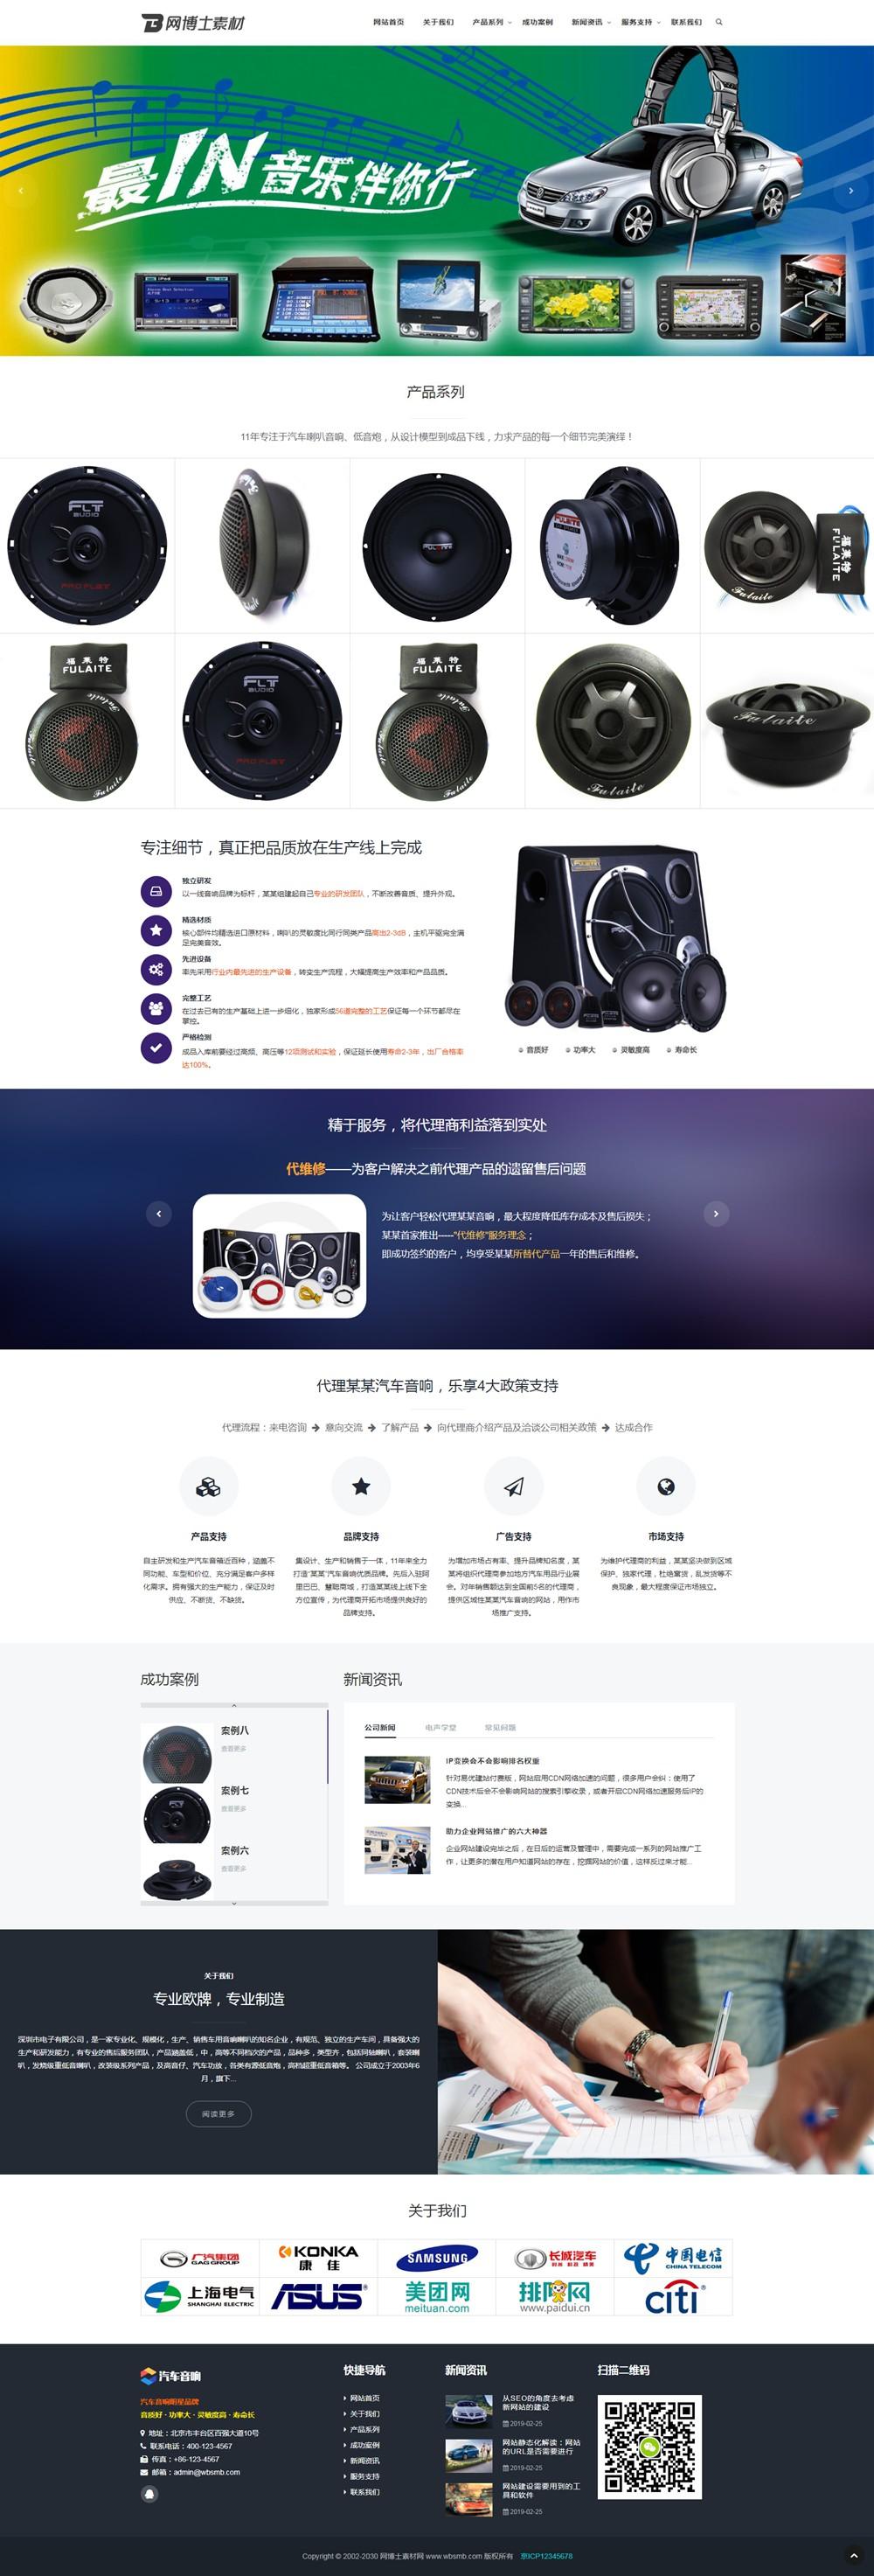 (自适应手机版)响应式汽车音箱喇叭低音炮电子产品网站织梦模板 HTML5车载音响设备